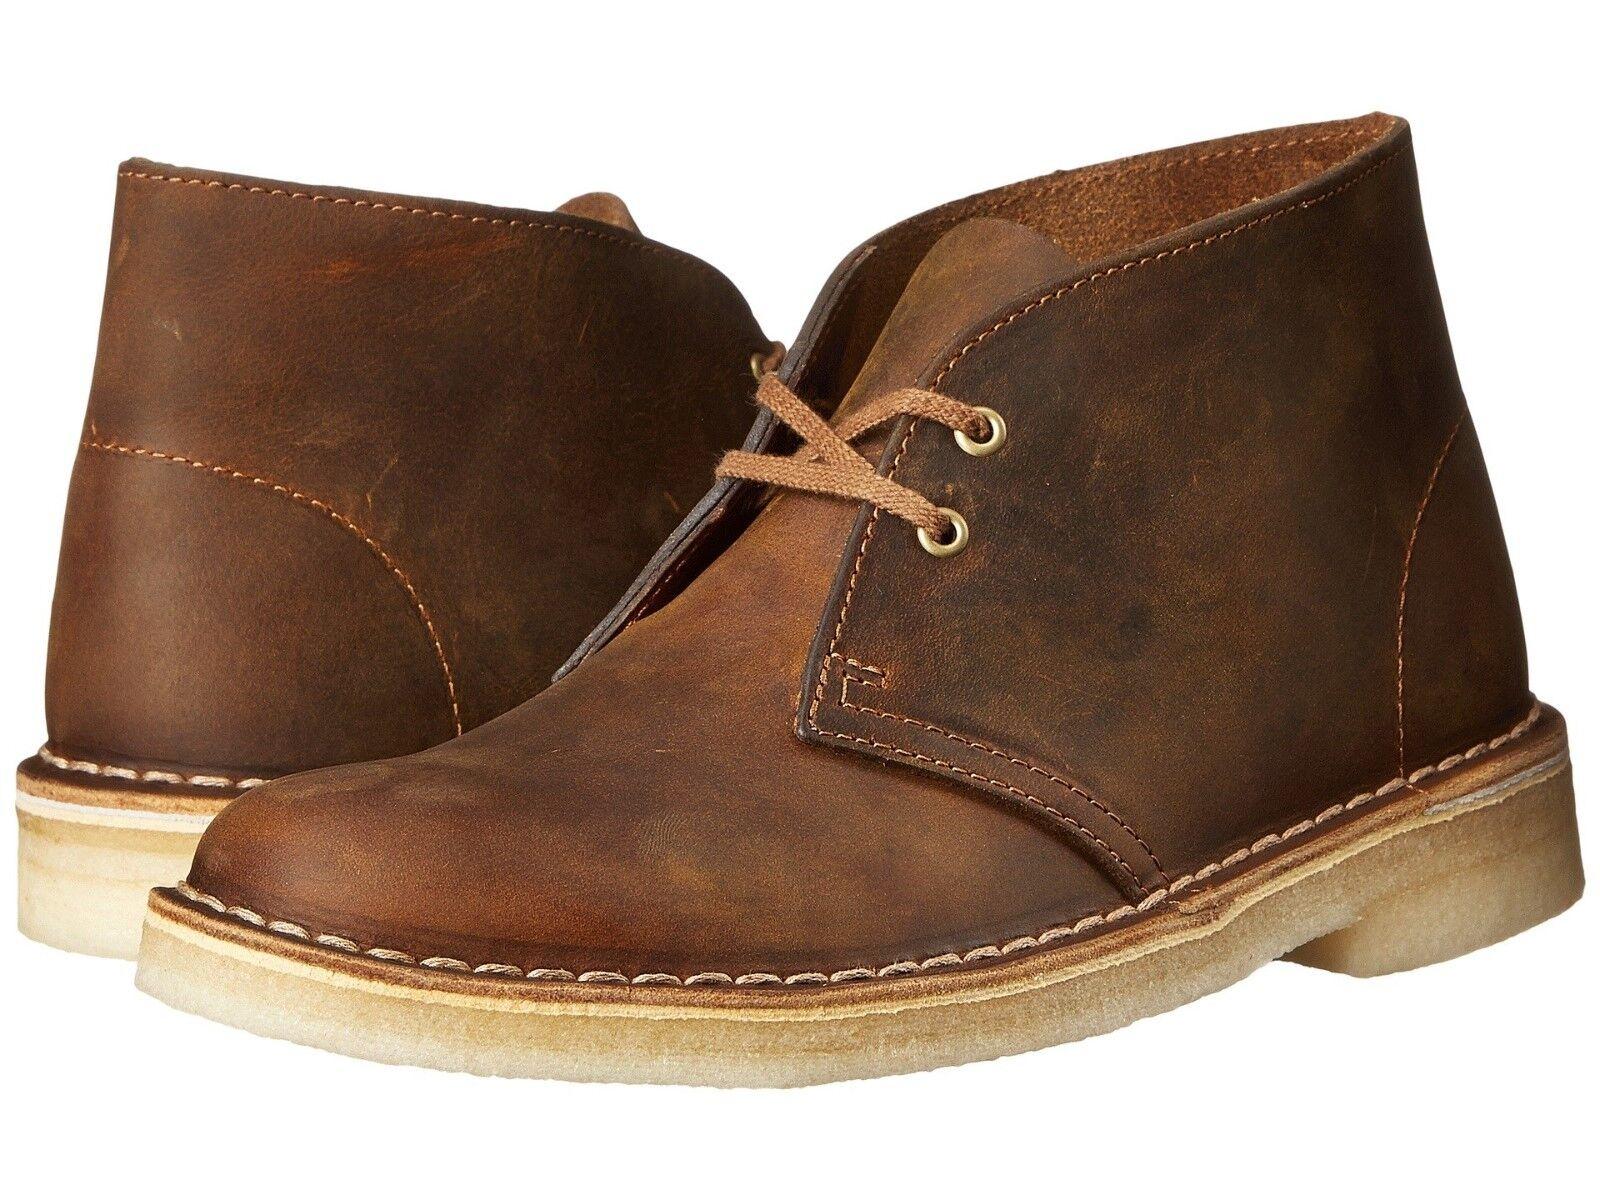 Clarks Uomo Original Desert Boot Beeswax Pelle Medium (D, M)